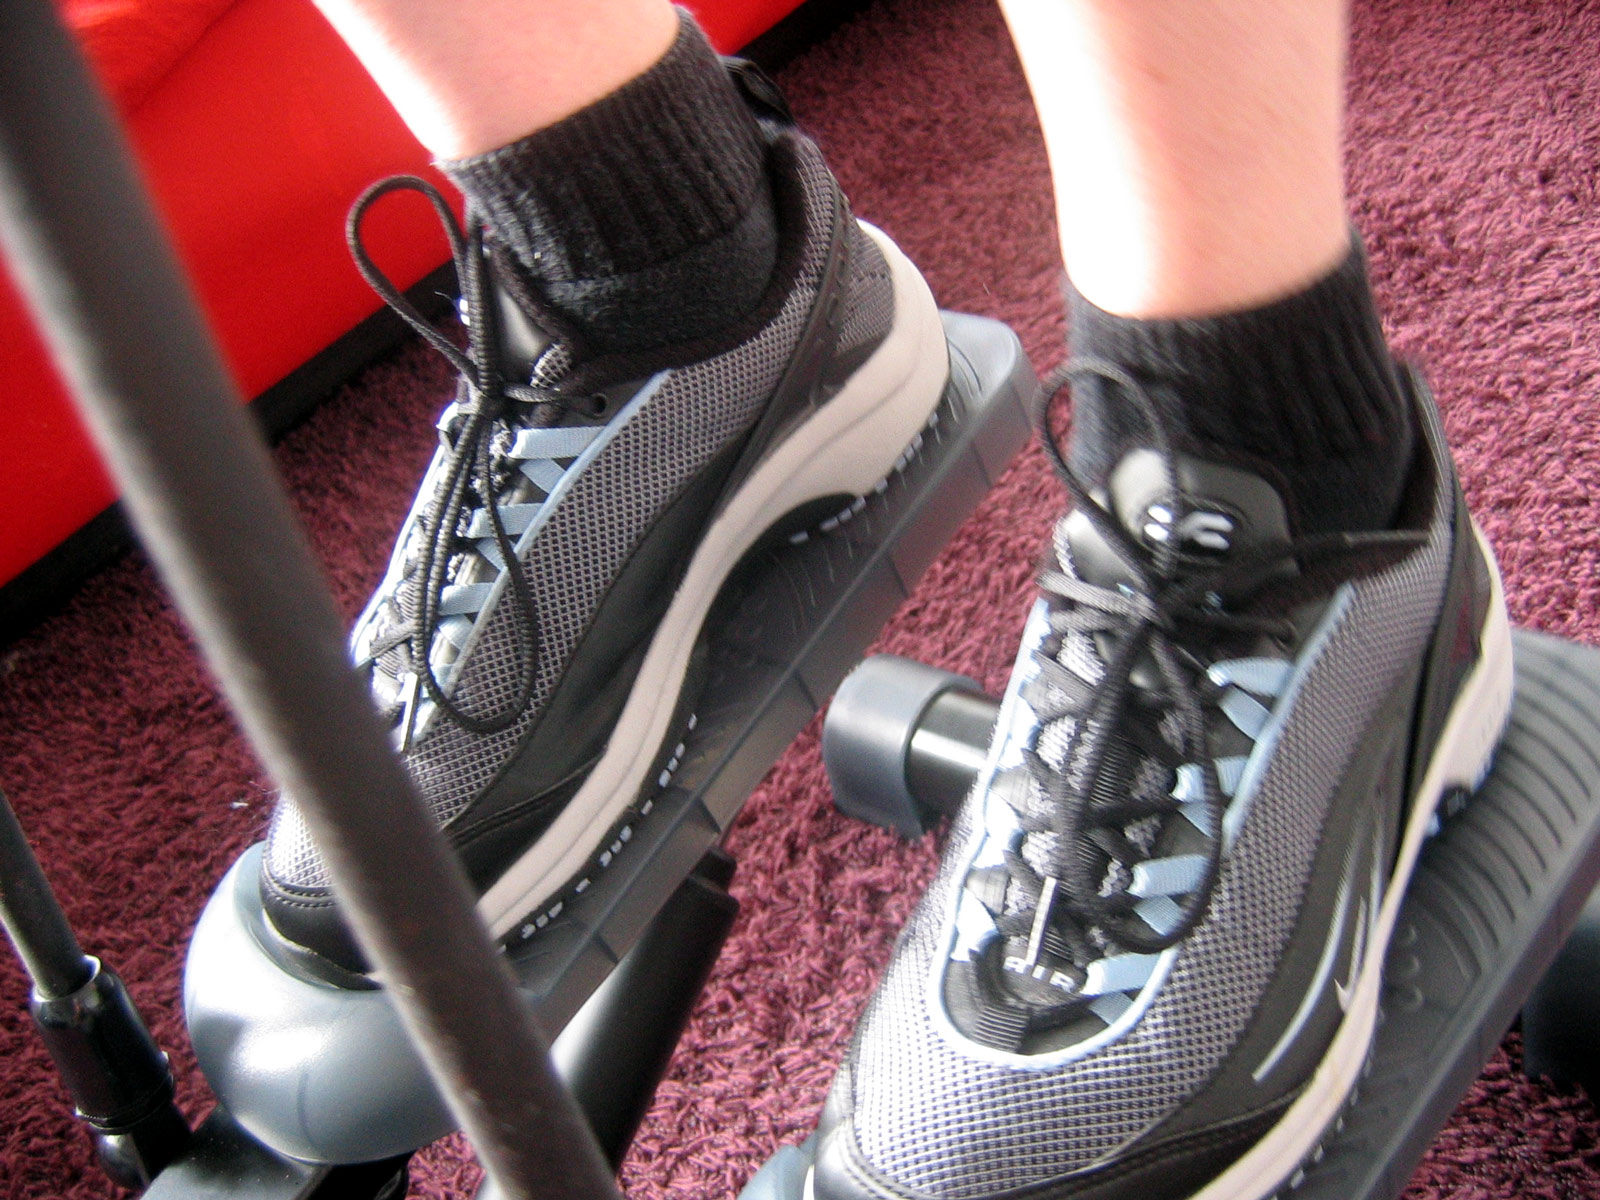 Welche Fitnessgeräte zum Abnehmen geeignet sind